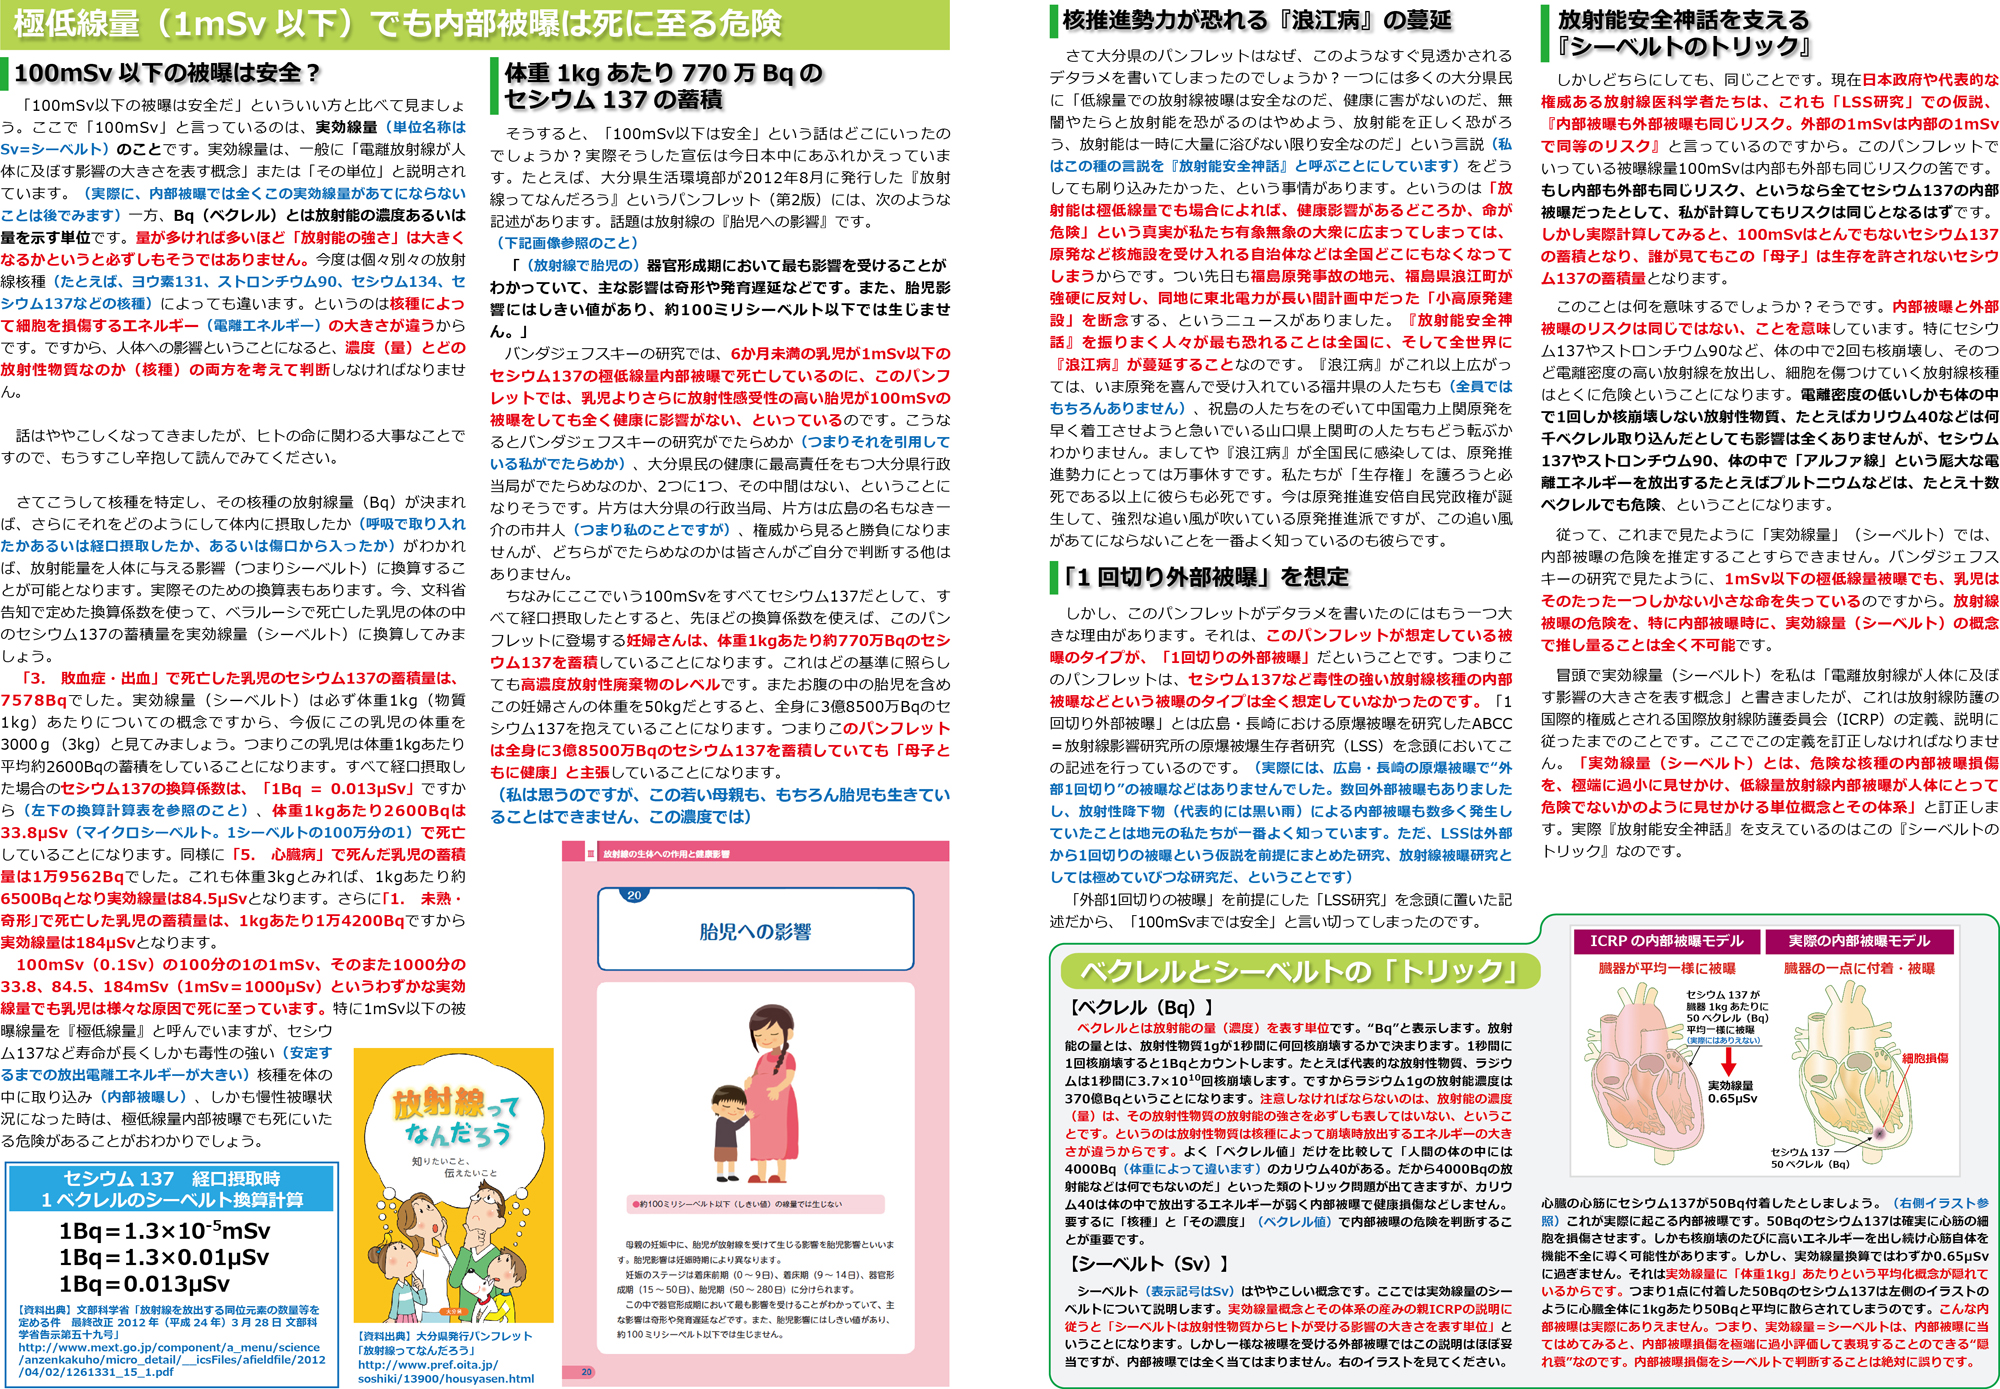 ファイル 126-2.jpg